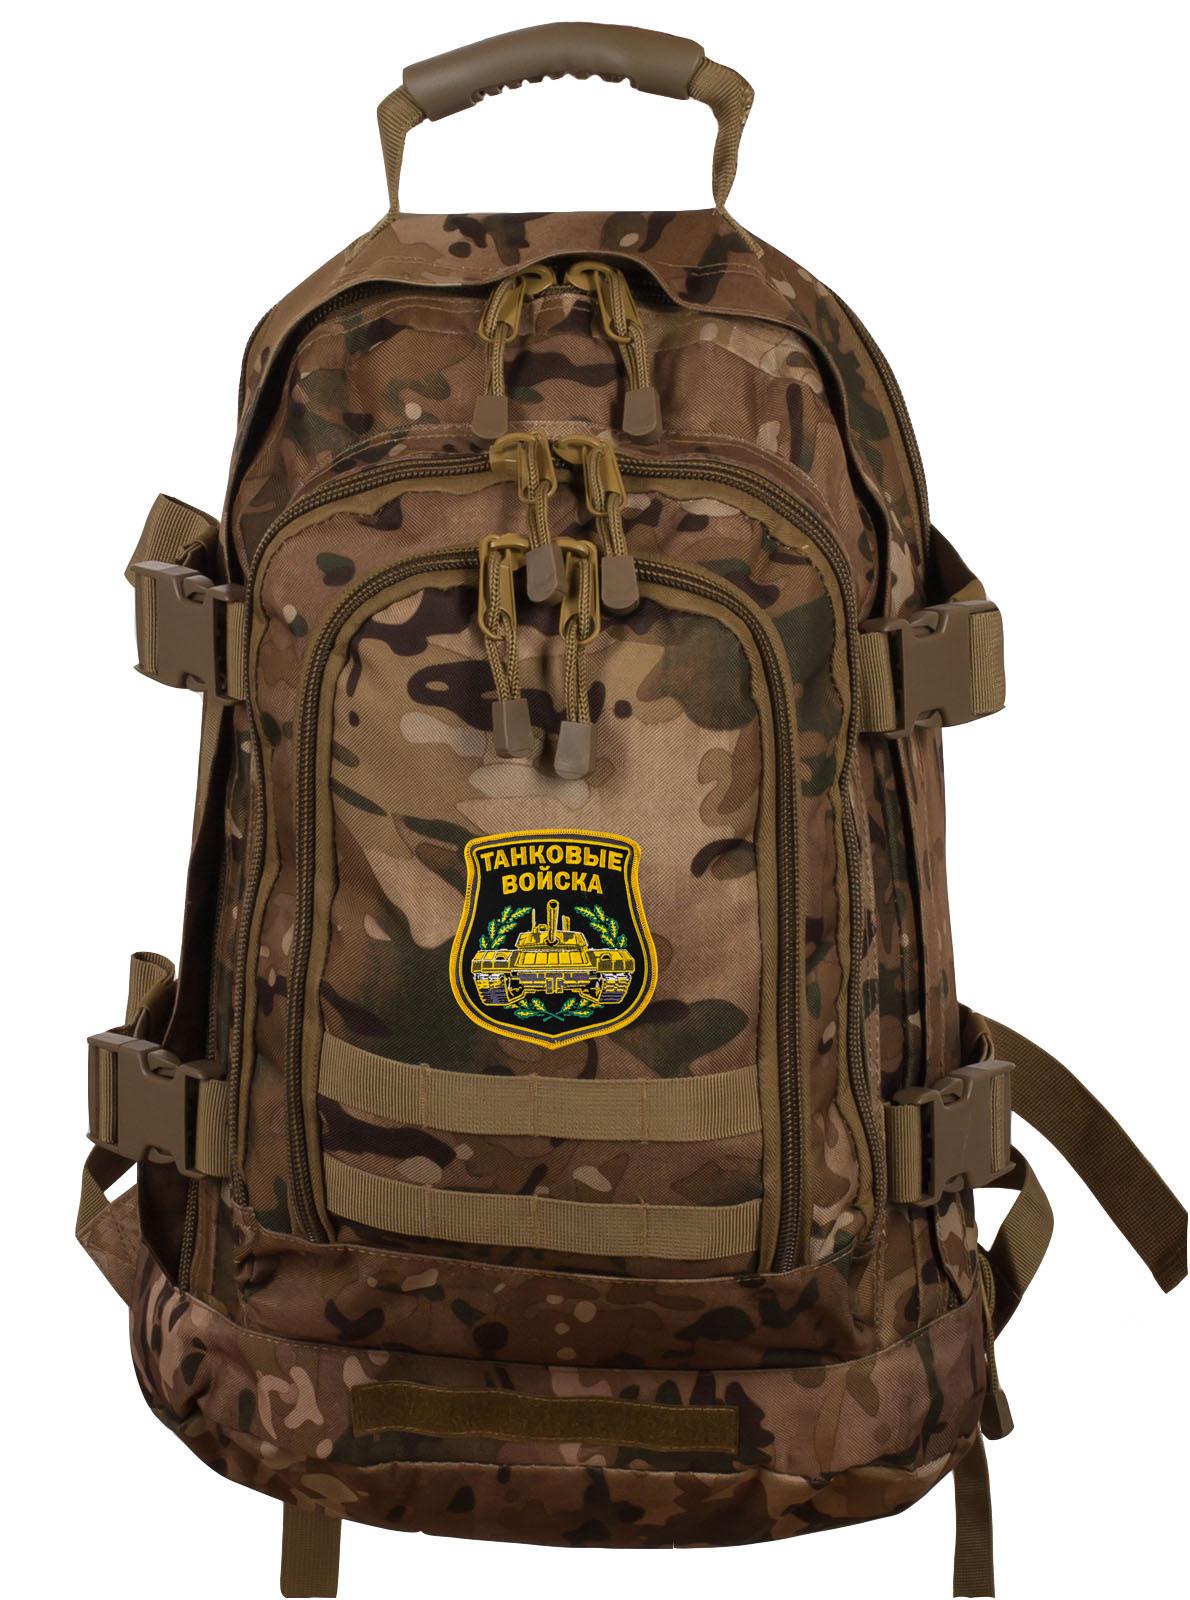 Штурмовой эргономичный рюкзак с нашивкой Танковые Войска - купить оптом